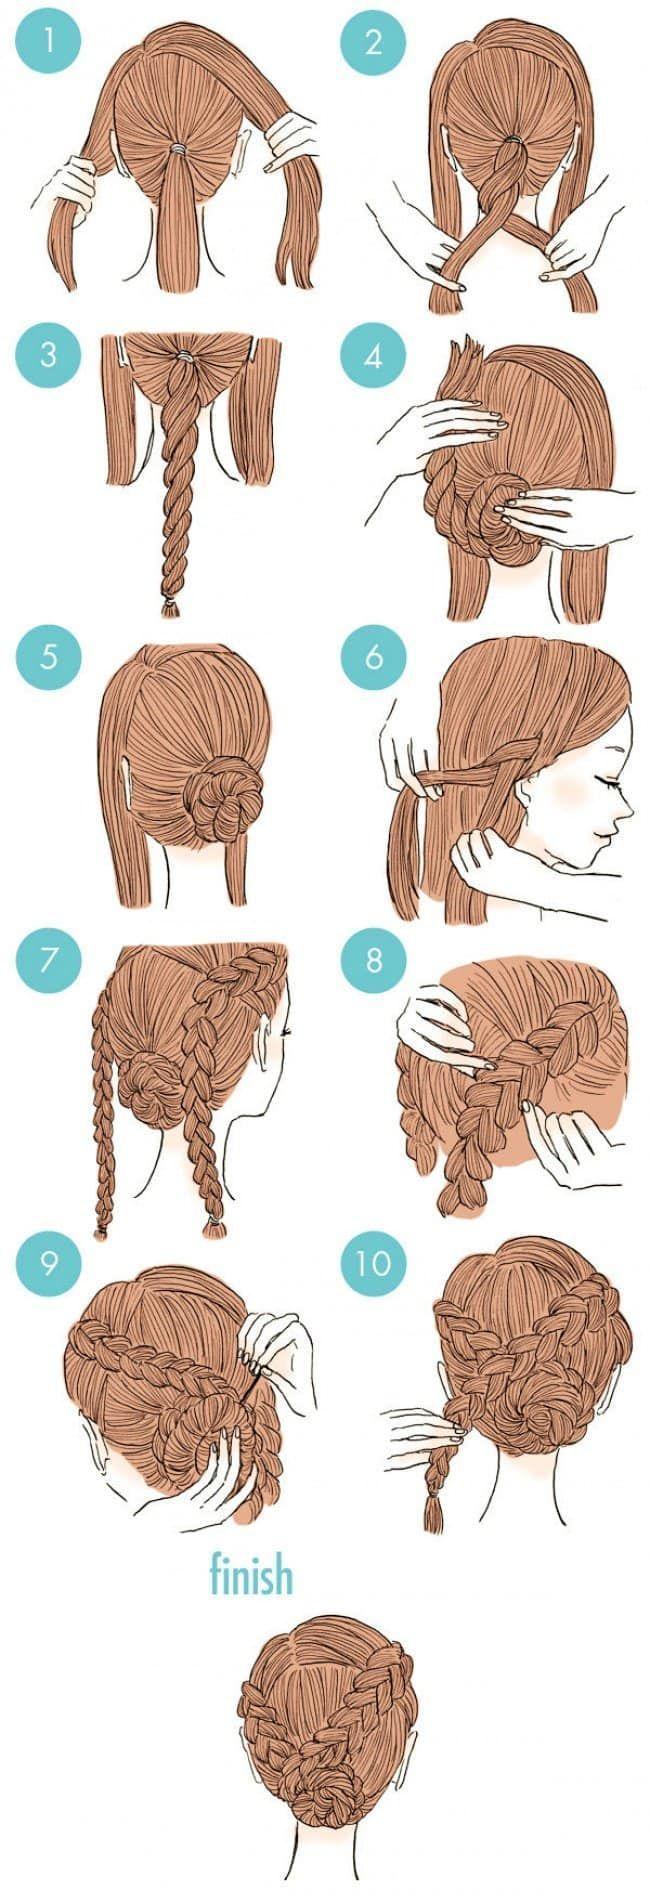 20 coiffures mignonnes et extrêmement faciles à faire #beautyhairstyleseasy #coiffures #e…